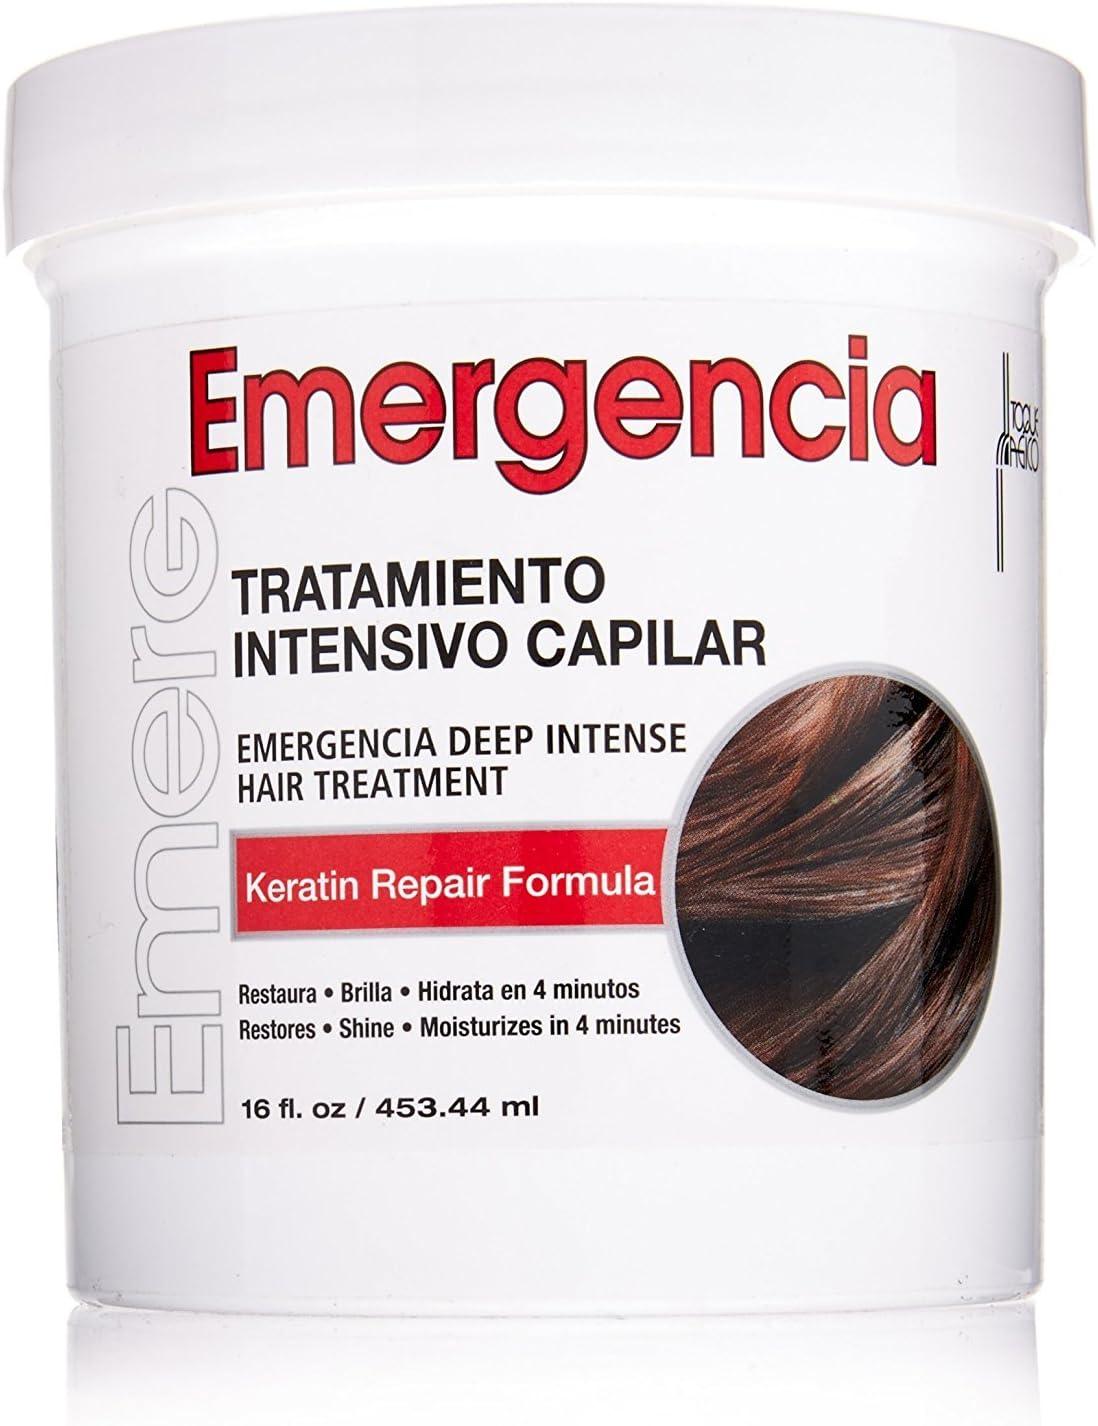 Toque Magico Emergencia Mascarilla Para el Pelo con Keratina 453ml - Tratamiento Intensivo